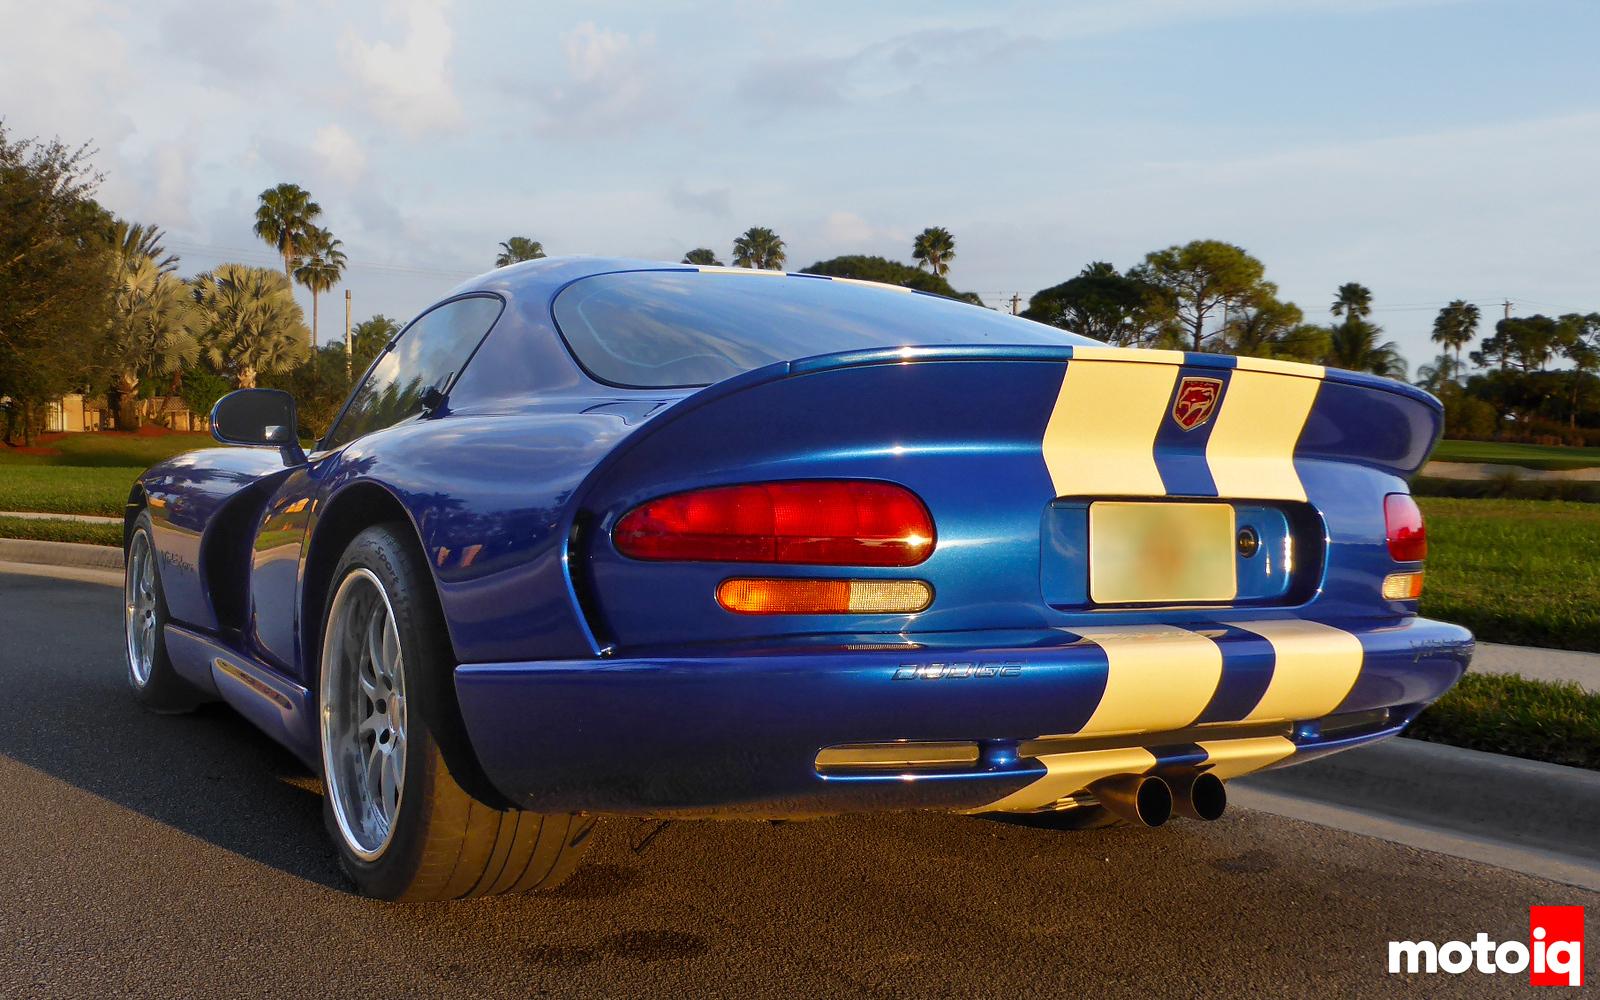 Viper GTS Stock Rear